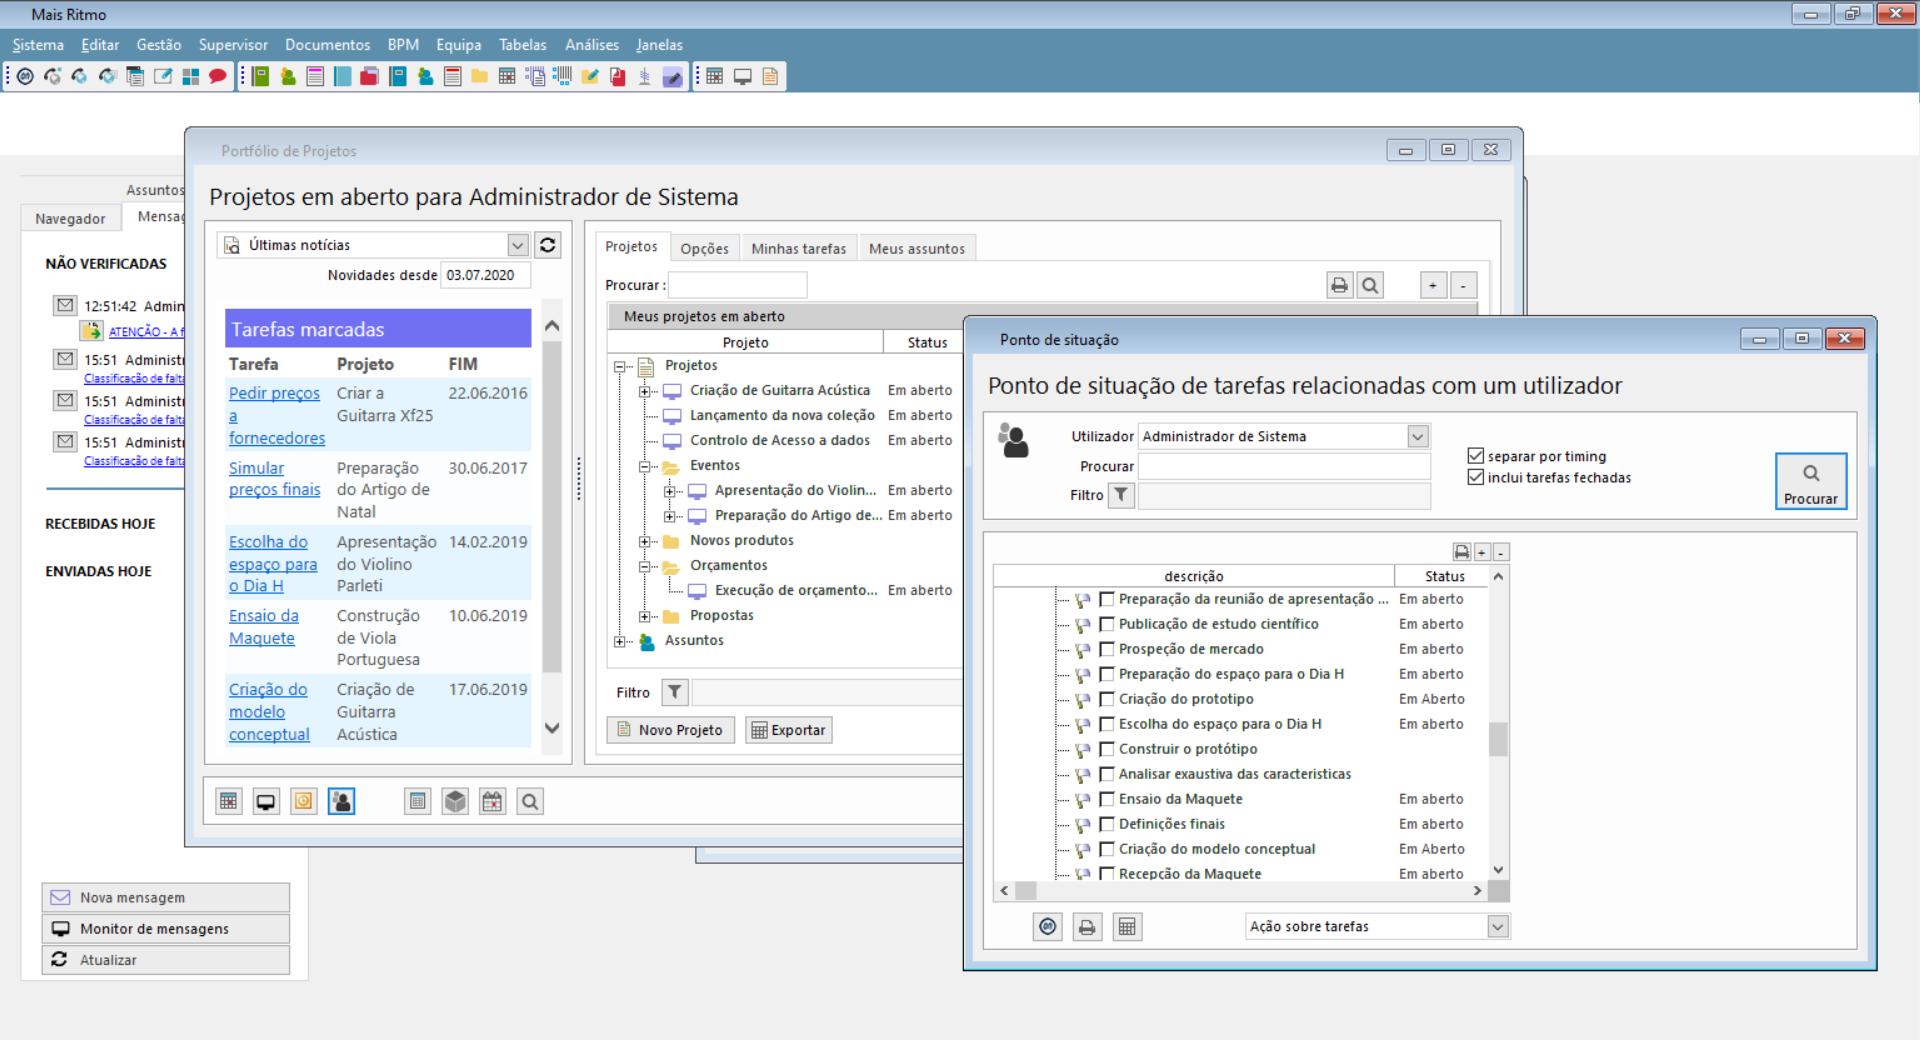 Funções globais de software de gestão de equipas